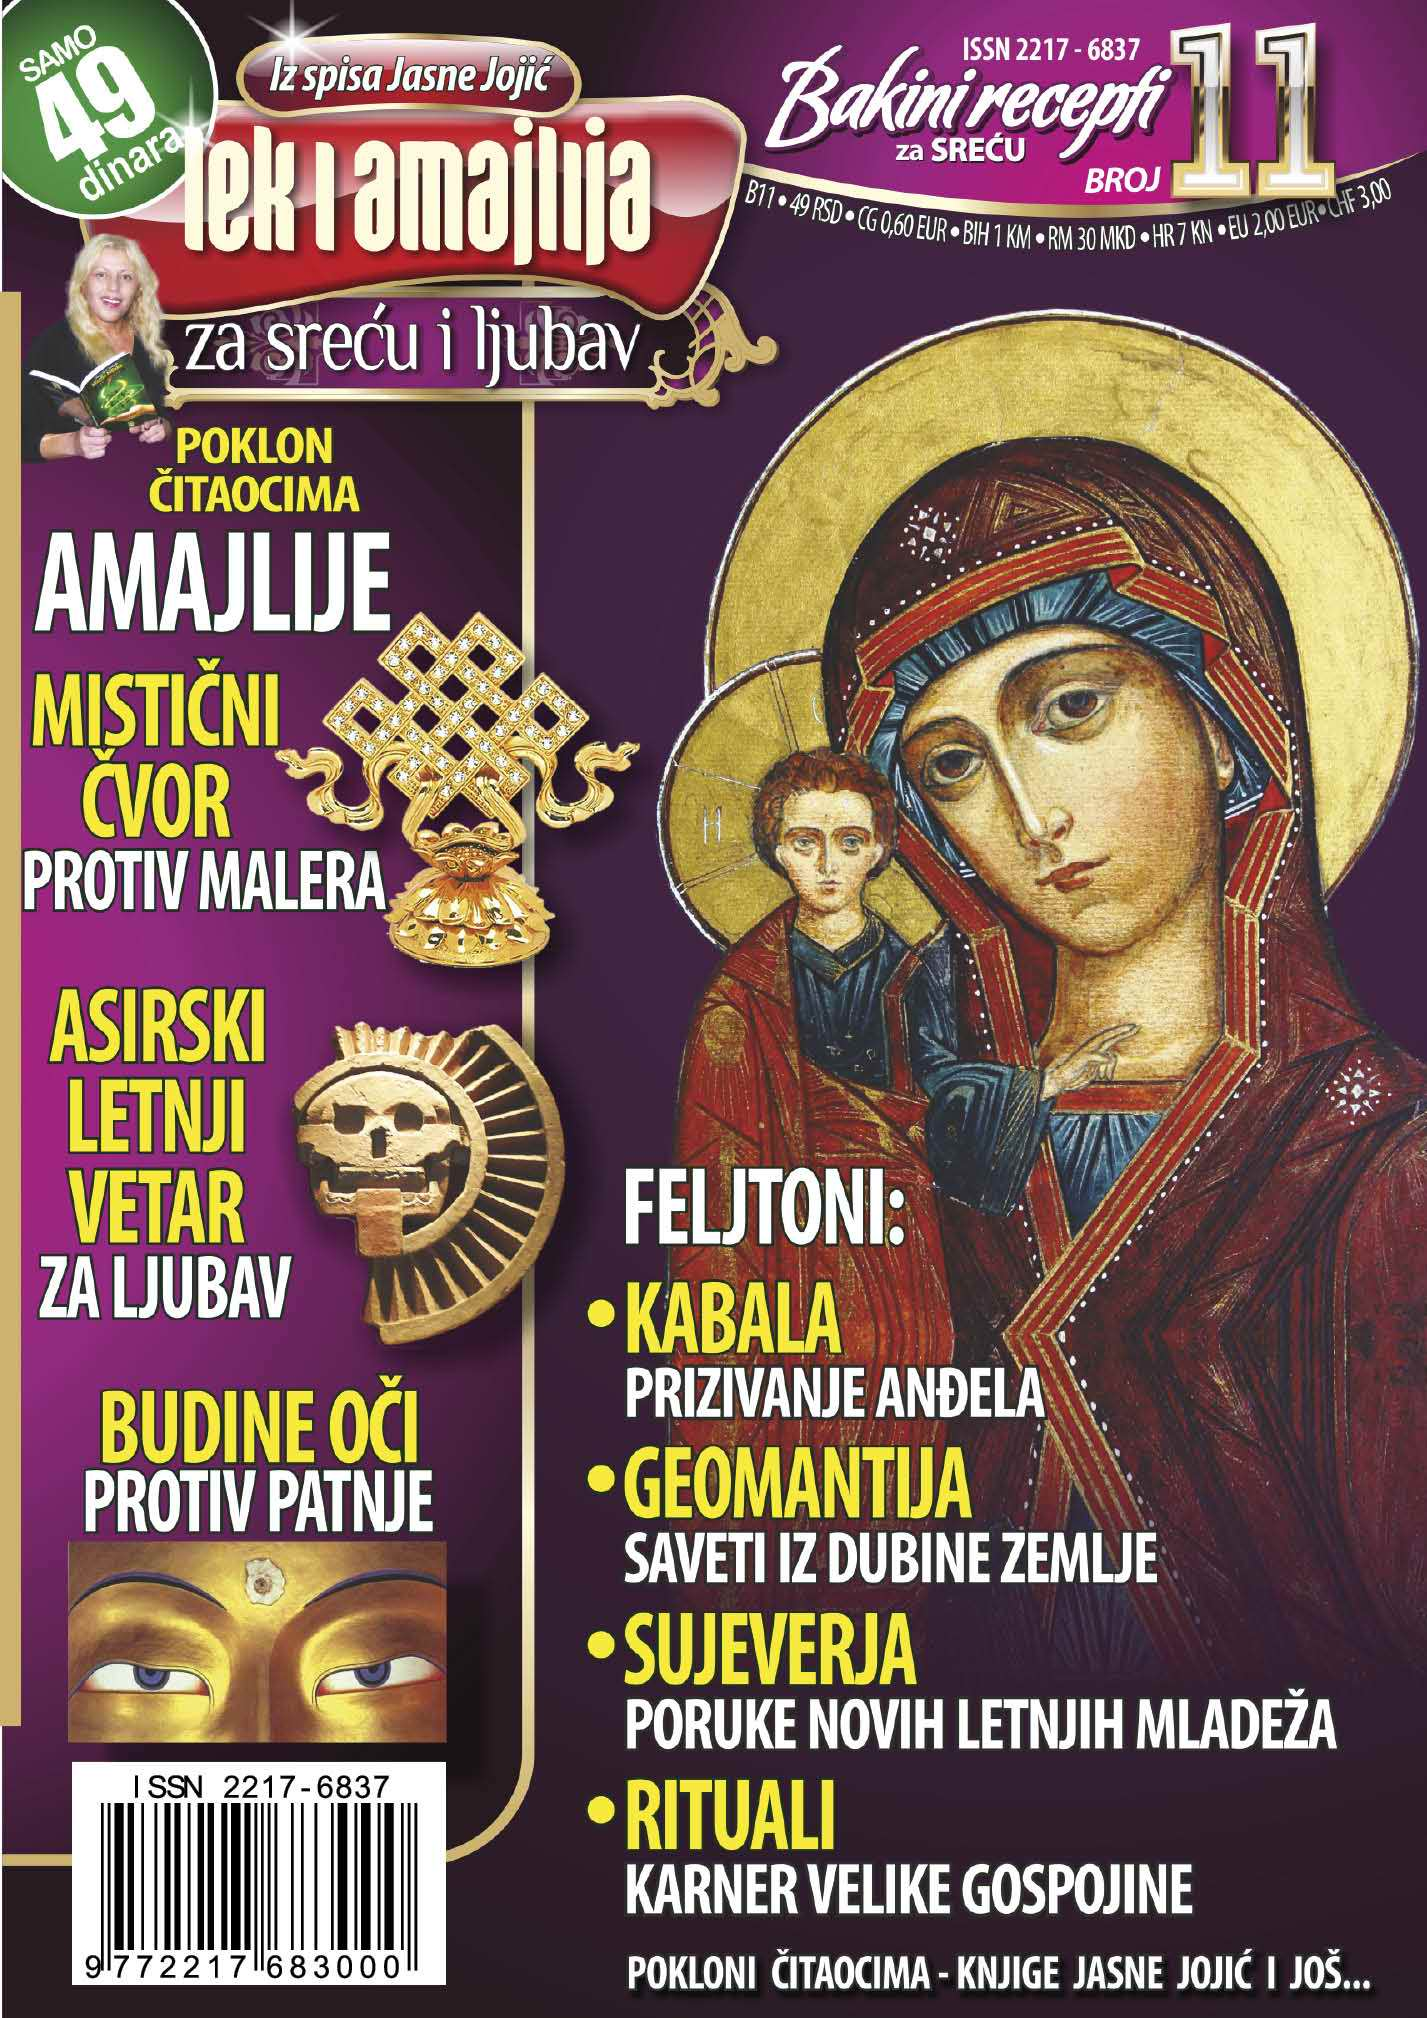 knjige i časopise novinarke Jasne Jojić naručite na telefon 065 216 416 0 magija+vlaska magija+amajlije+talismani